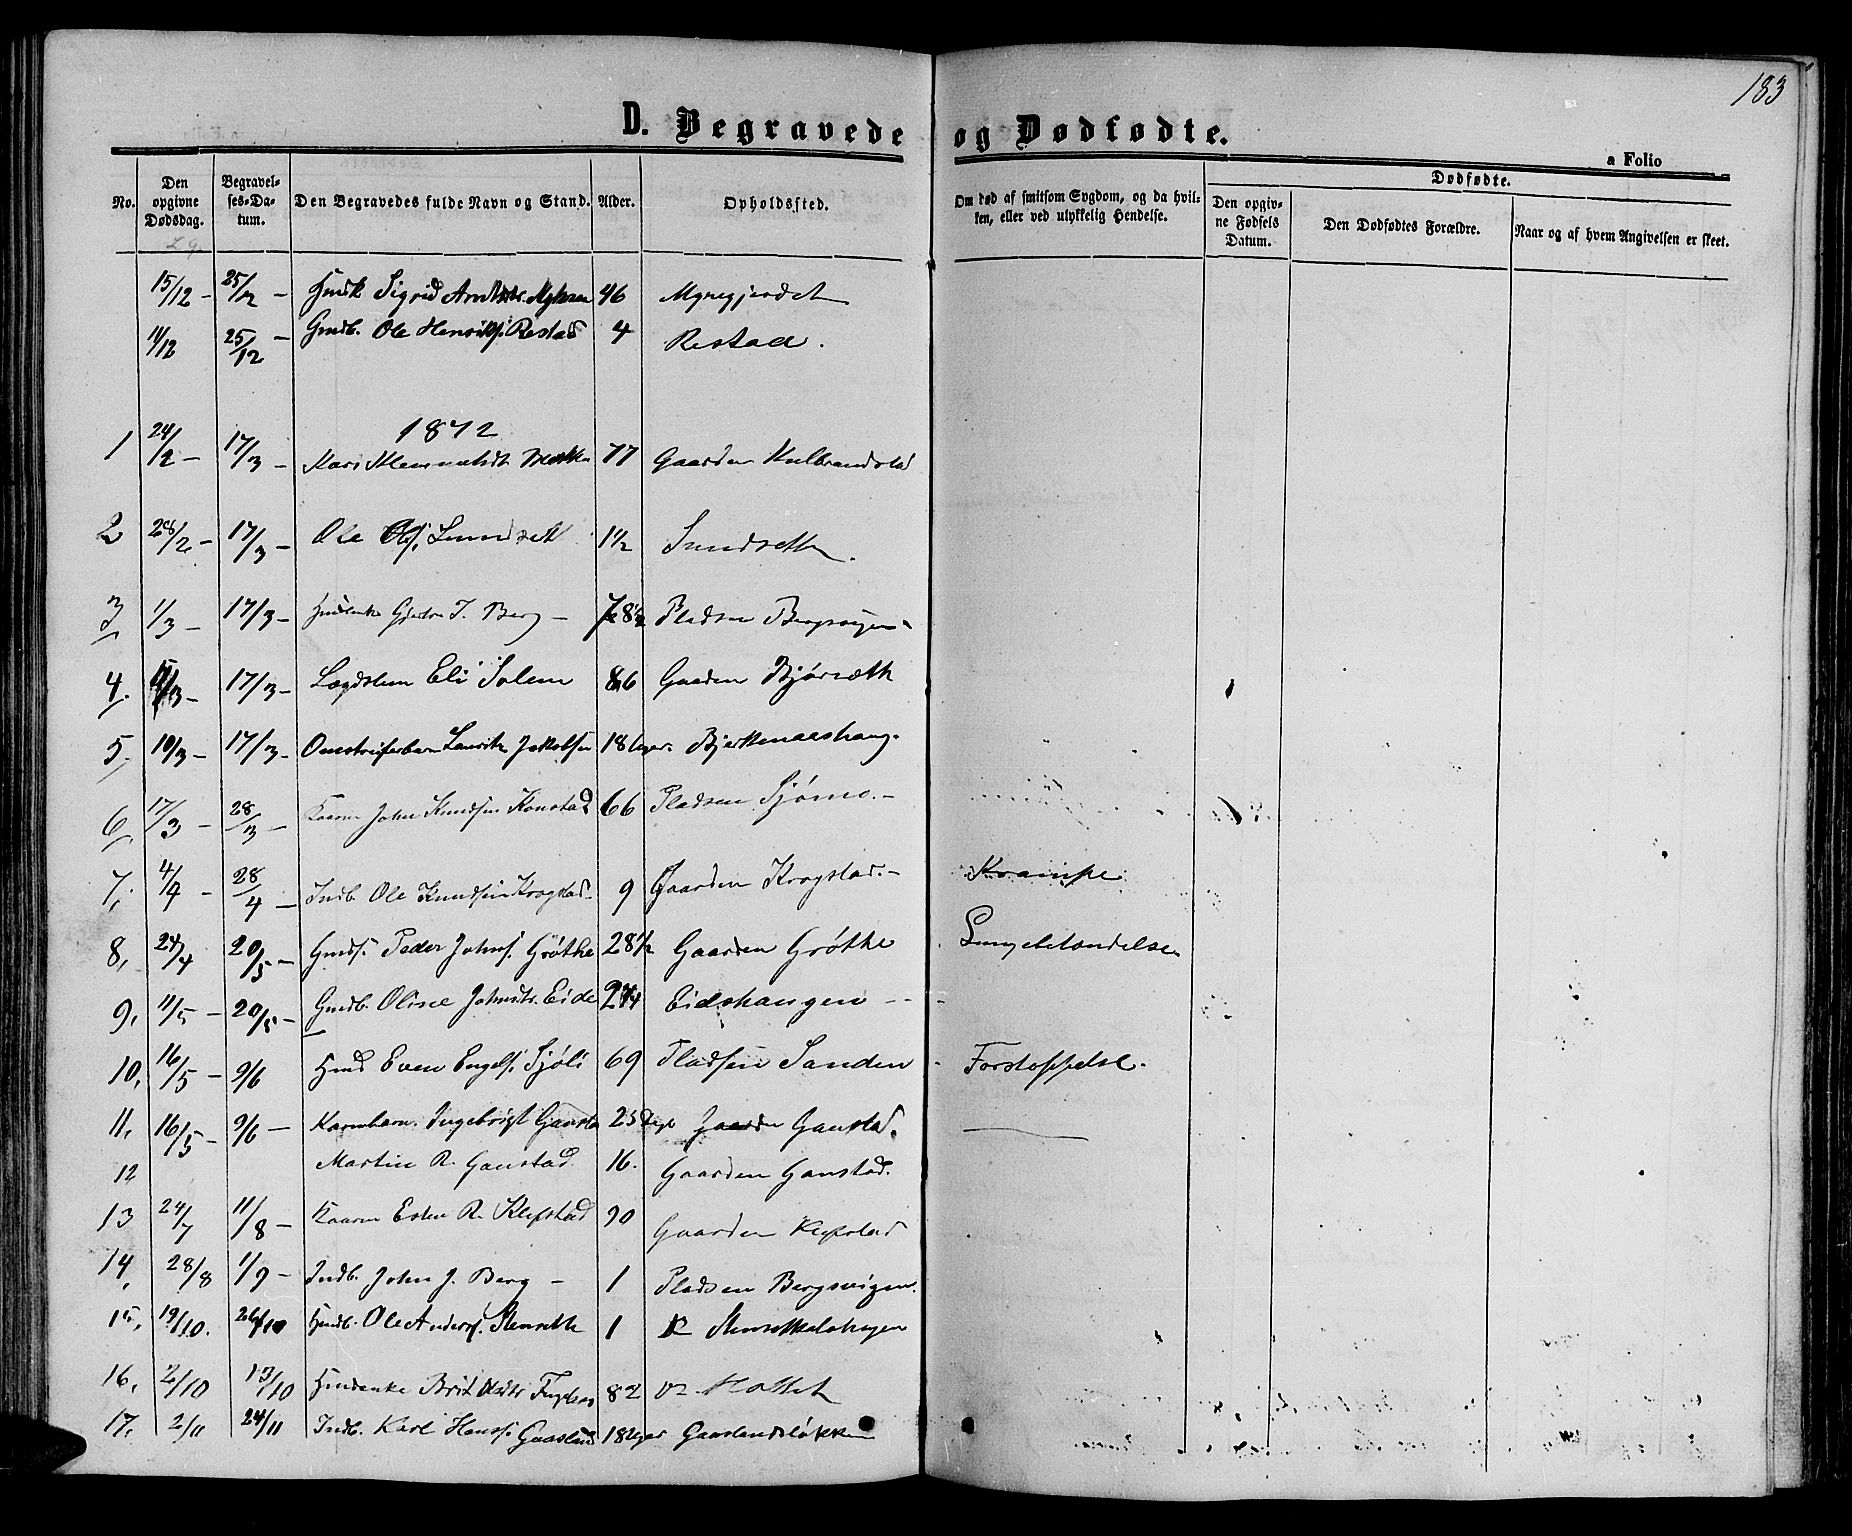 SAT, Ministerialprotokoller, klokkerbøker og fødselsregistre - Sør-Trøndelag, 694/L1131: Klokkerbok nr. 694C03, 1858-1886, s. 183